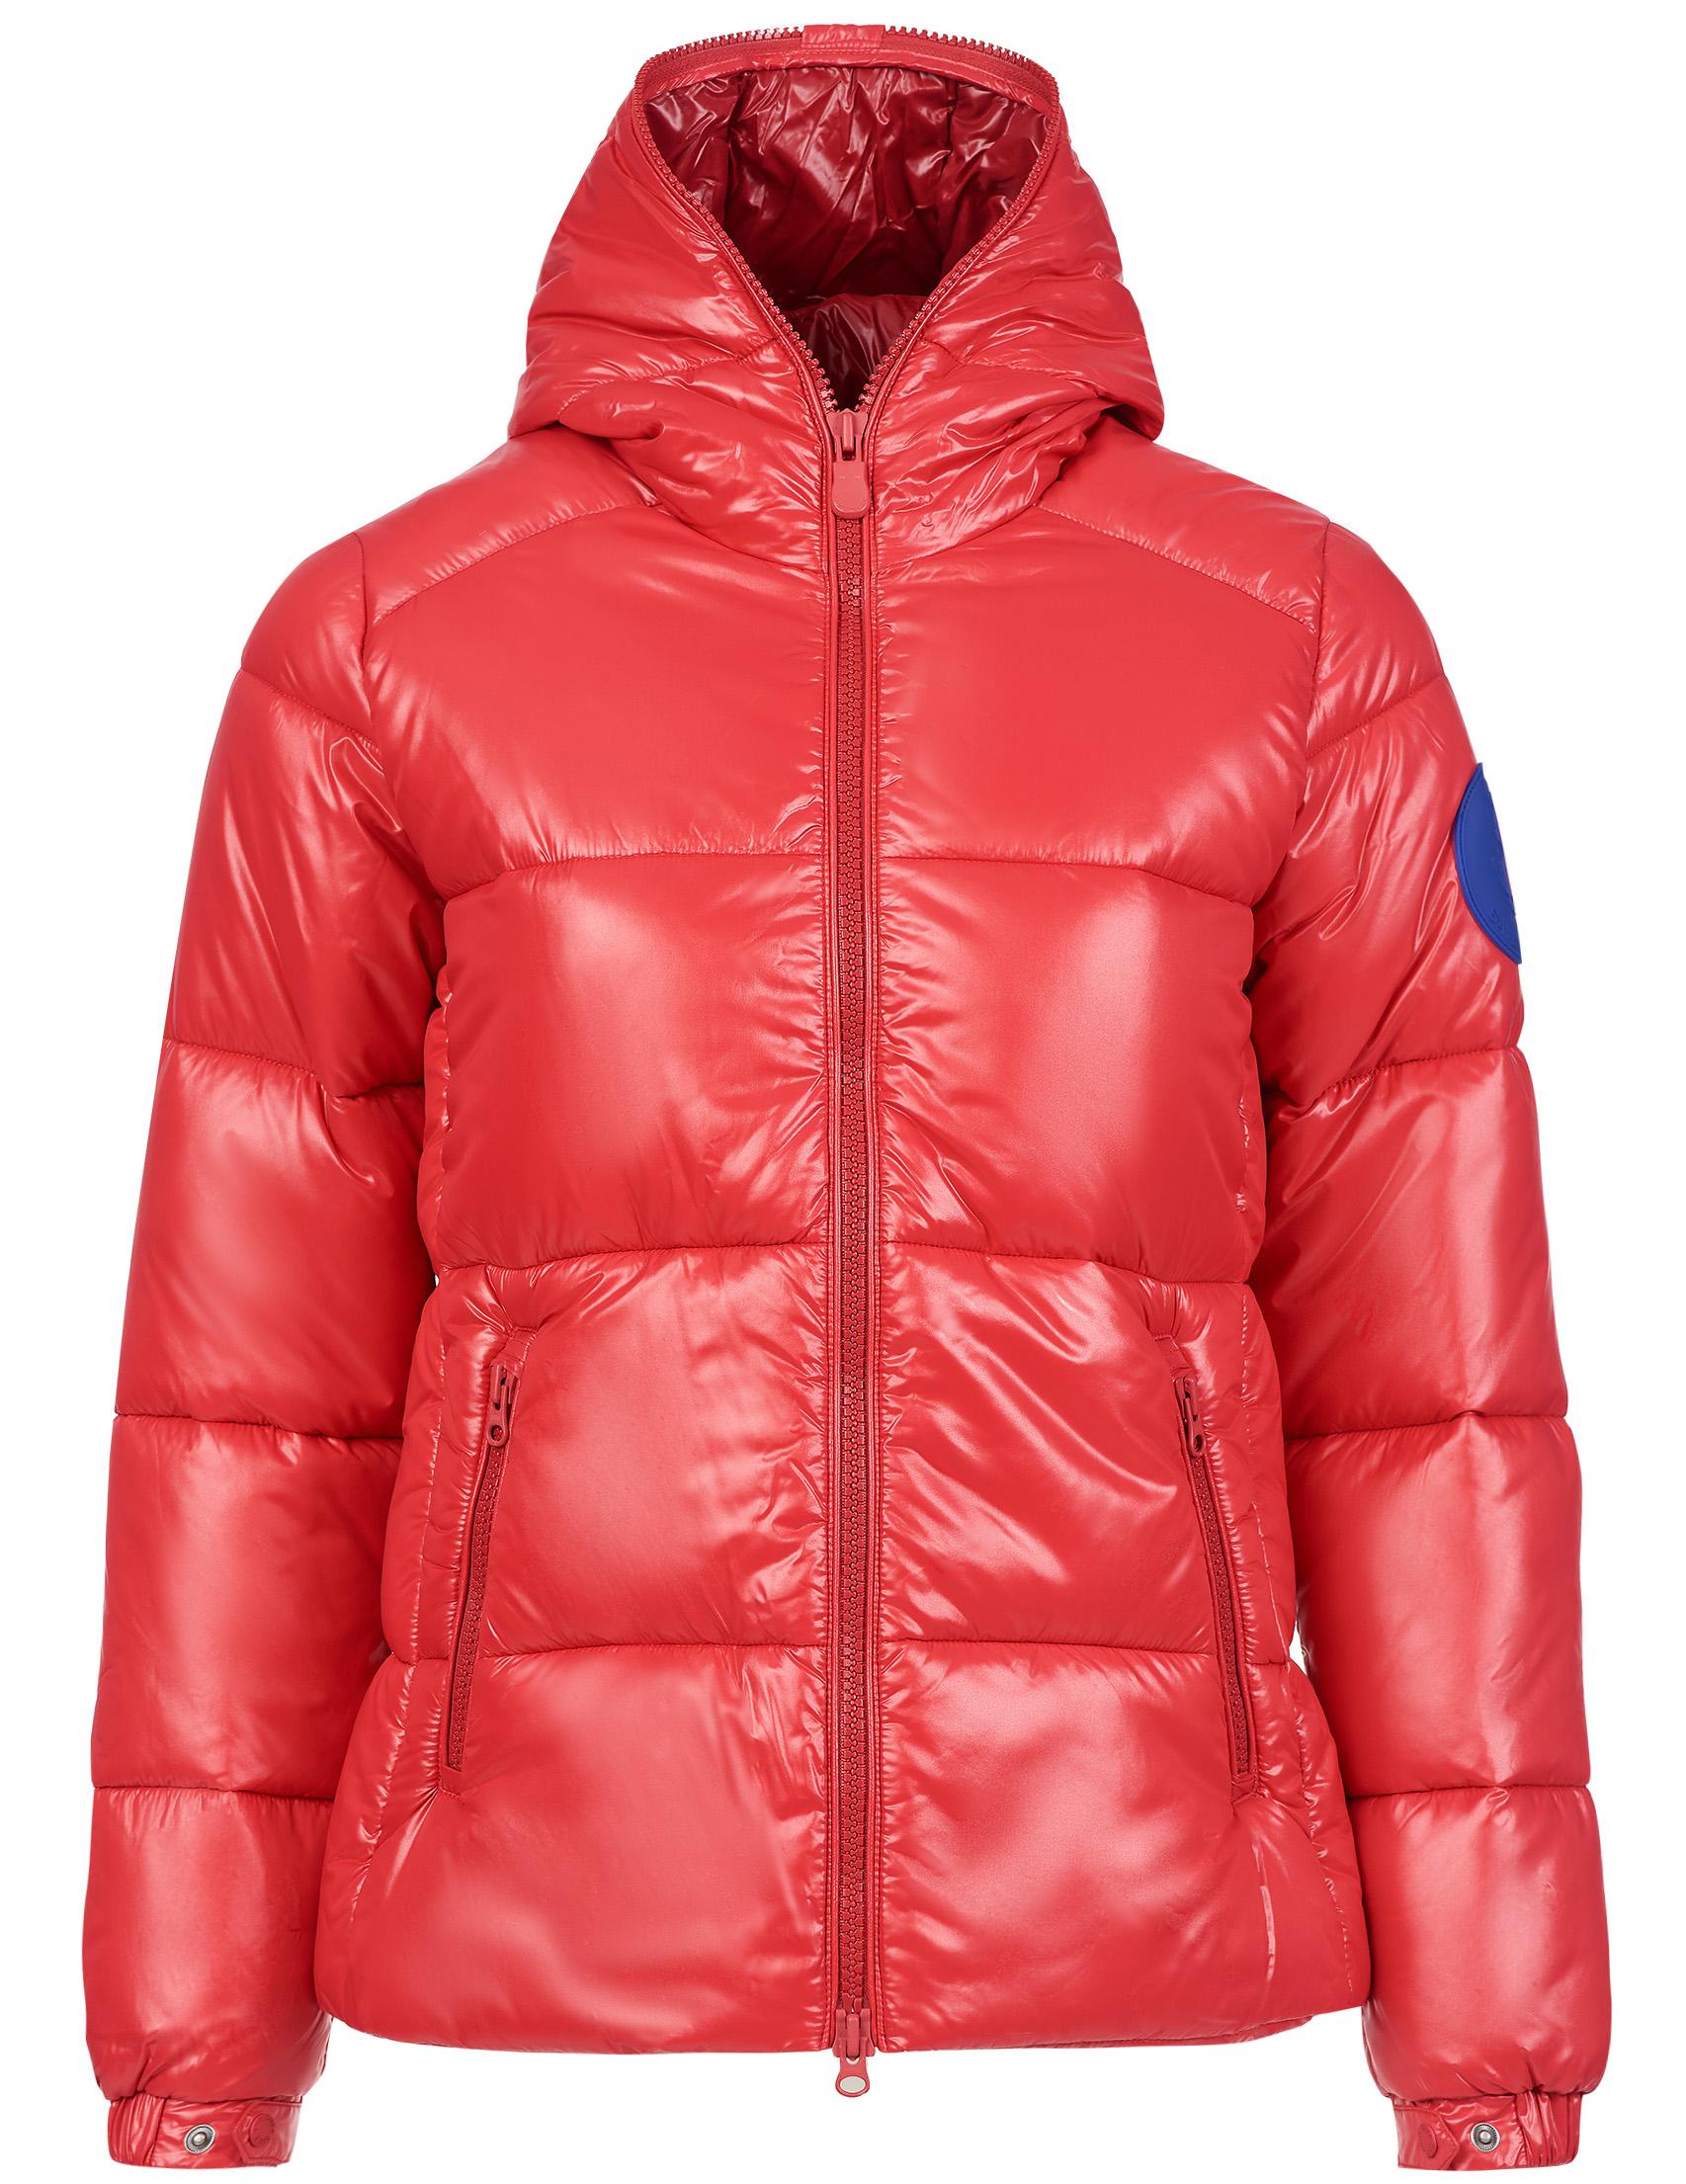 Купить Куртки, Куртка, SAVE THE DUCK, Красный, 100%Нейлон, Осень-Зима